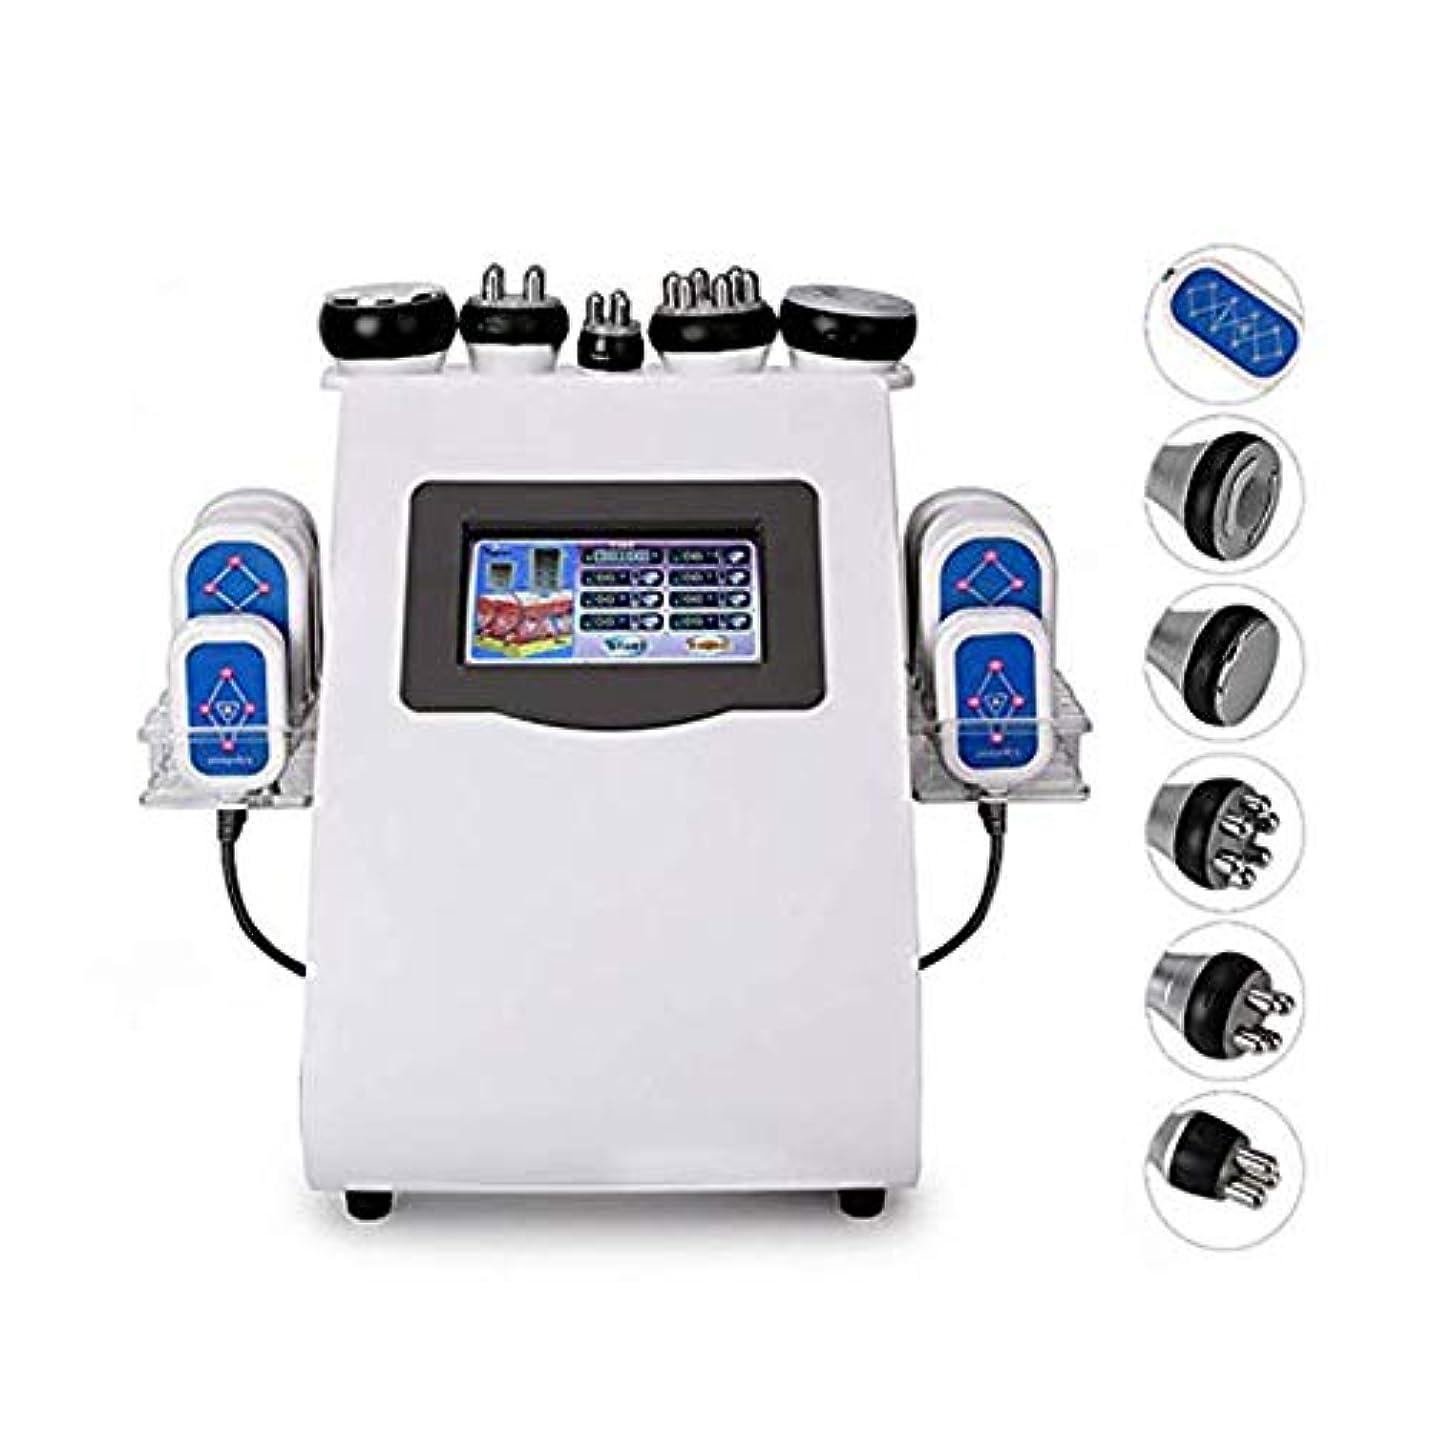 立法反応する道徳教育超音波キャビテーション抗セルライトネガティブボディ痩身マシン、脂肪燃焼と無線周波数アンチエイジングスキンリフティング引き締めしわ美容機器の除去